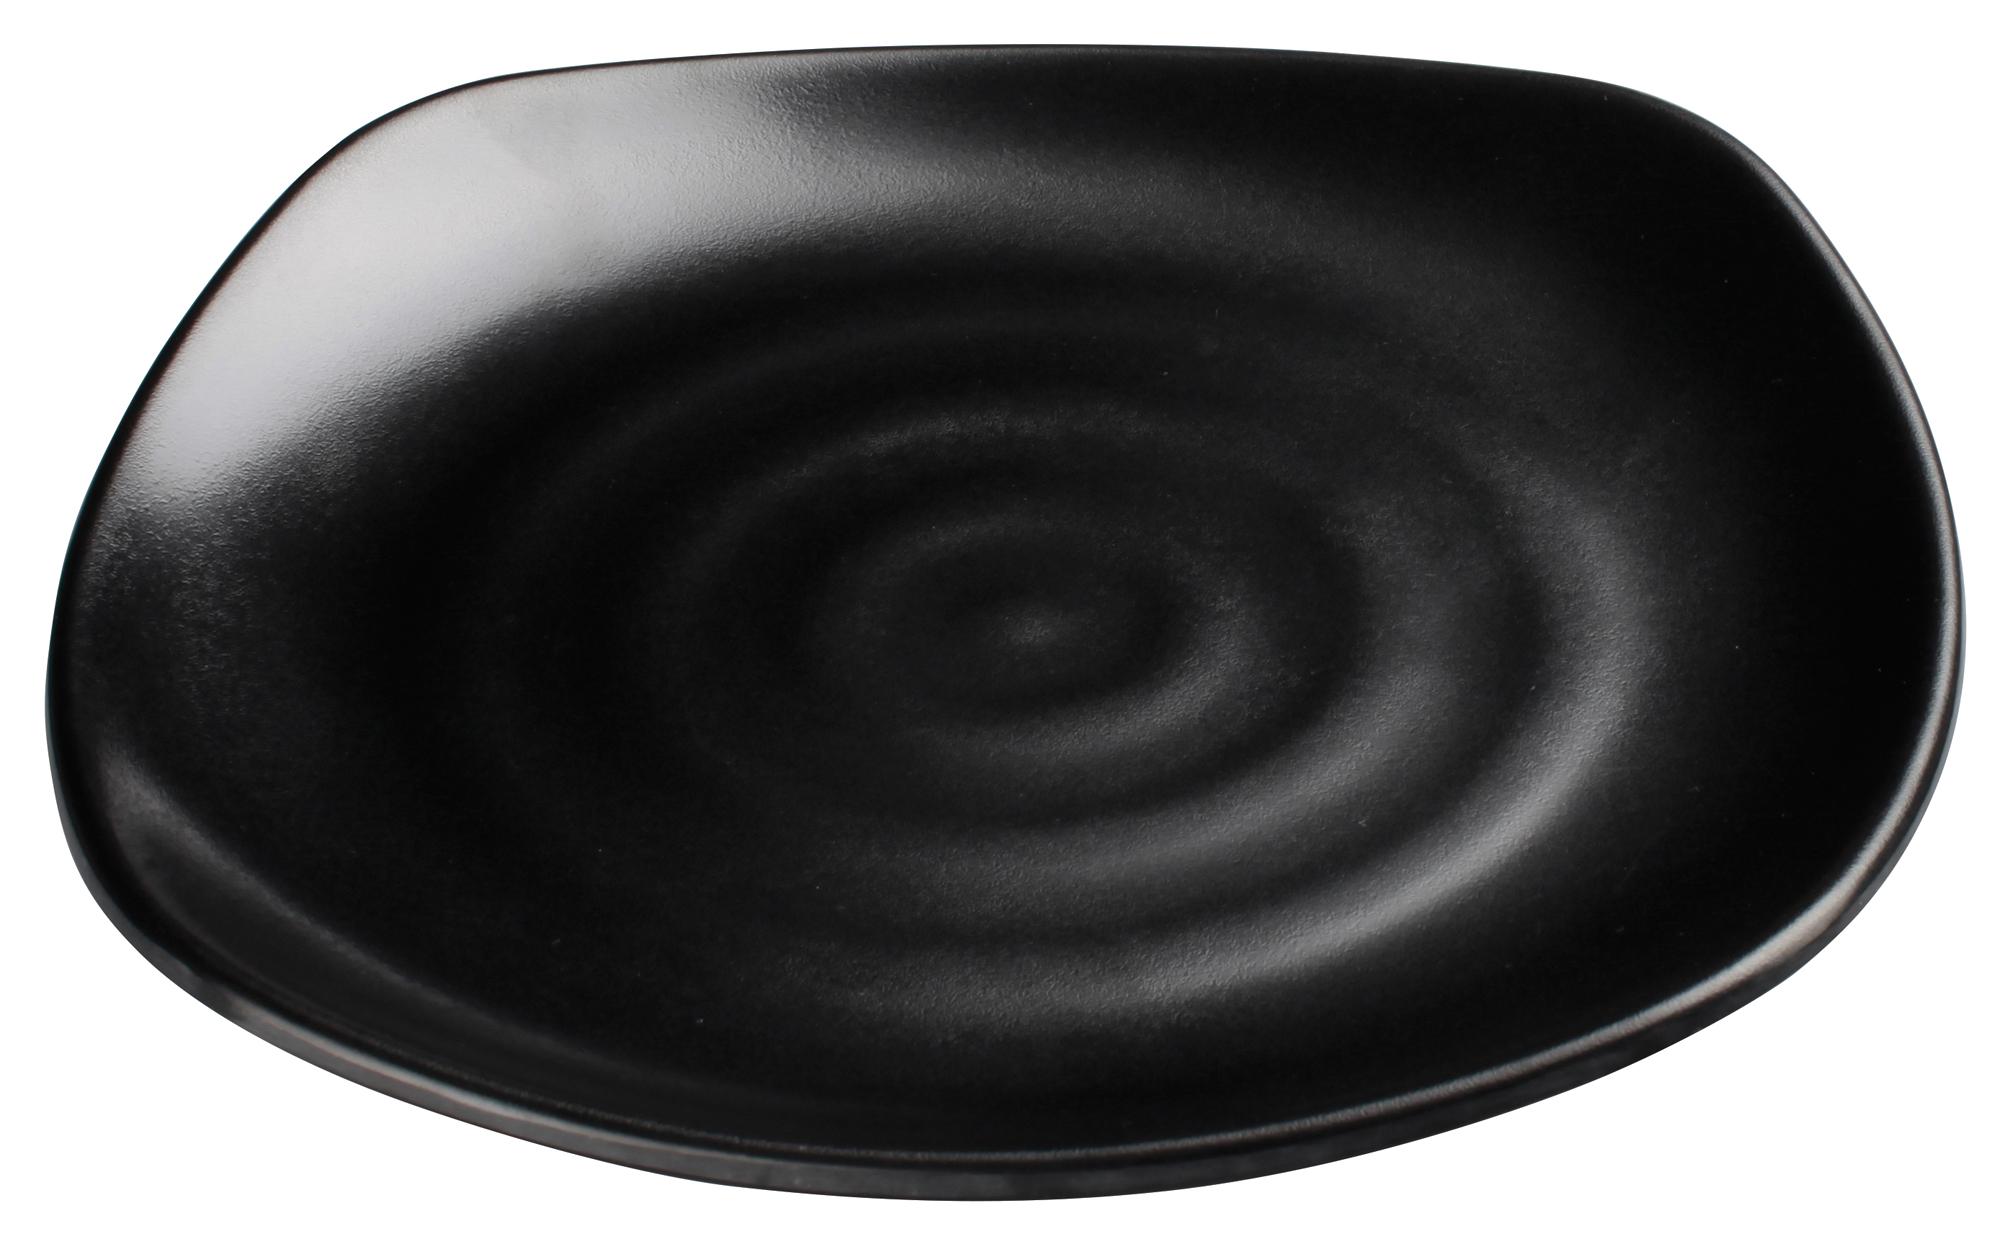 Winco WDM013-302 plate, plastic